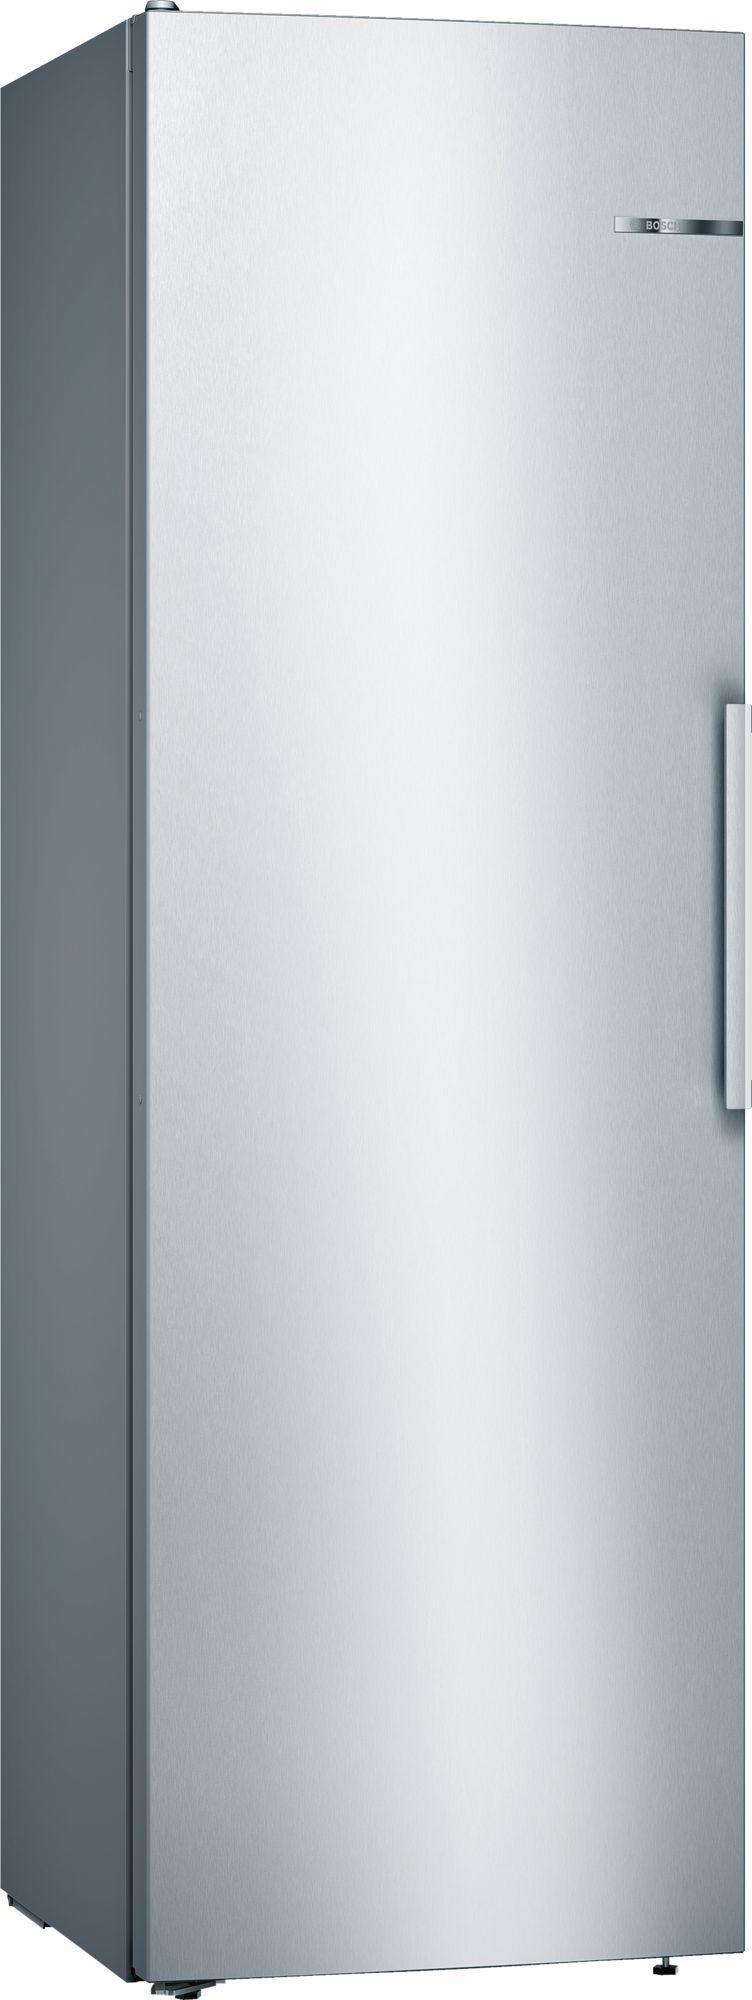 Image of Serie 4 KSV36VLEP 60cm 346 Litre Tall Single Door Larder Fridge | Silver Innox